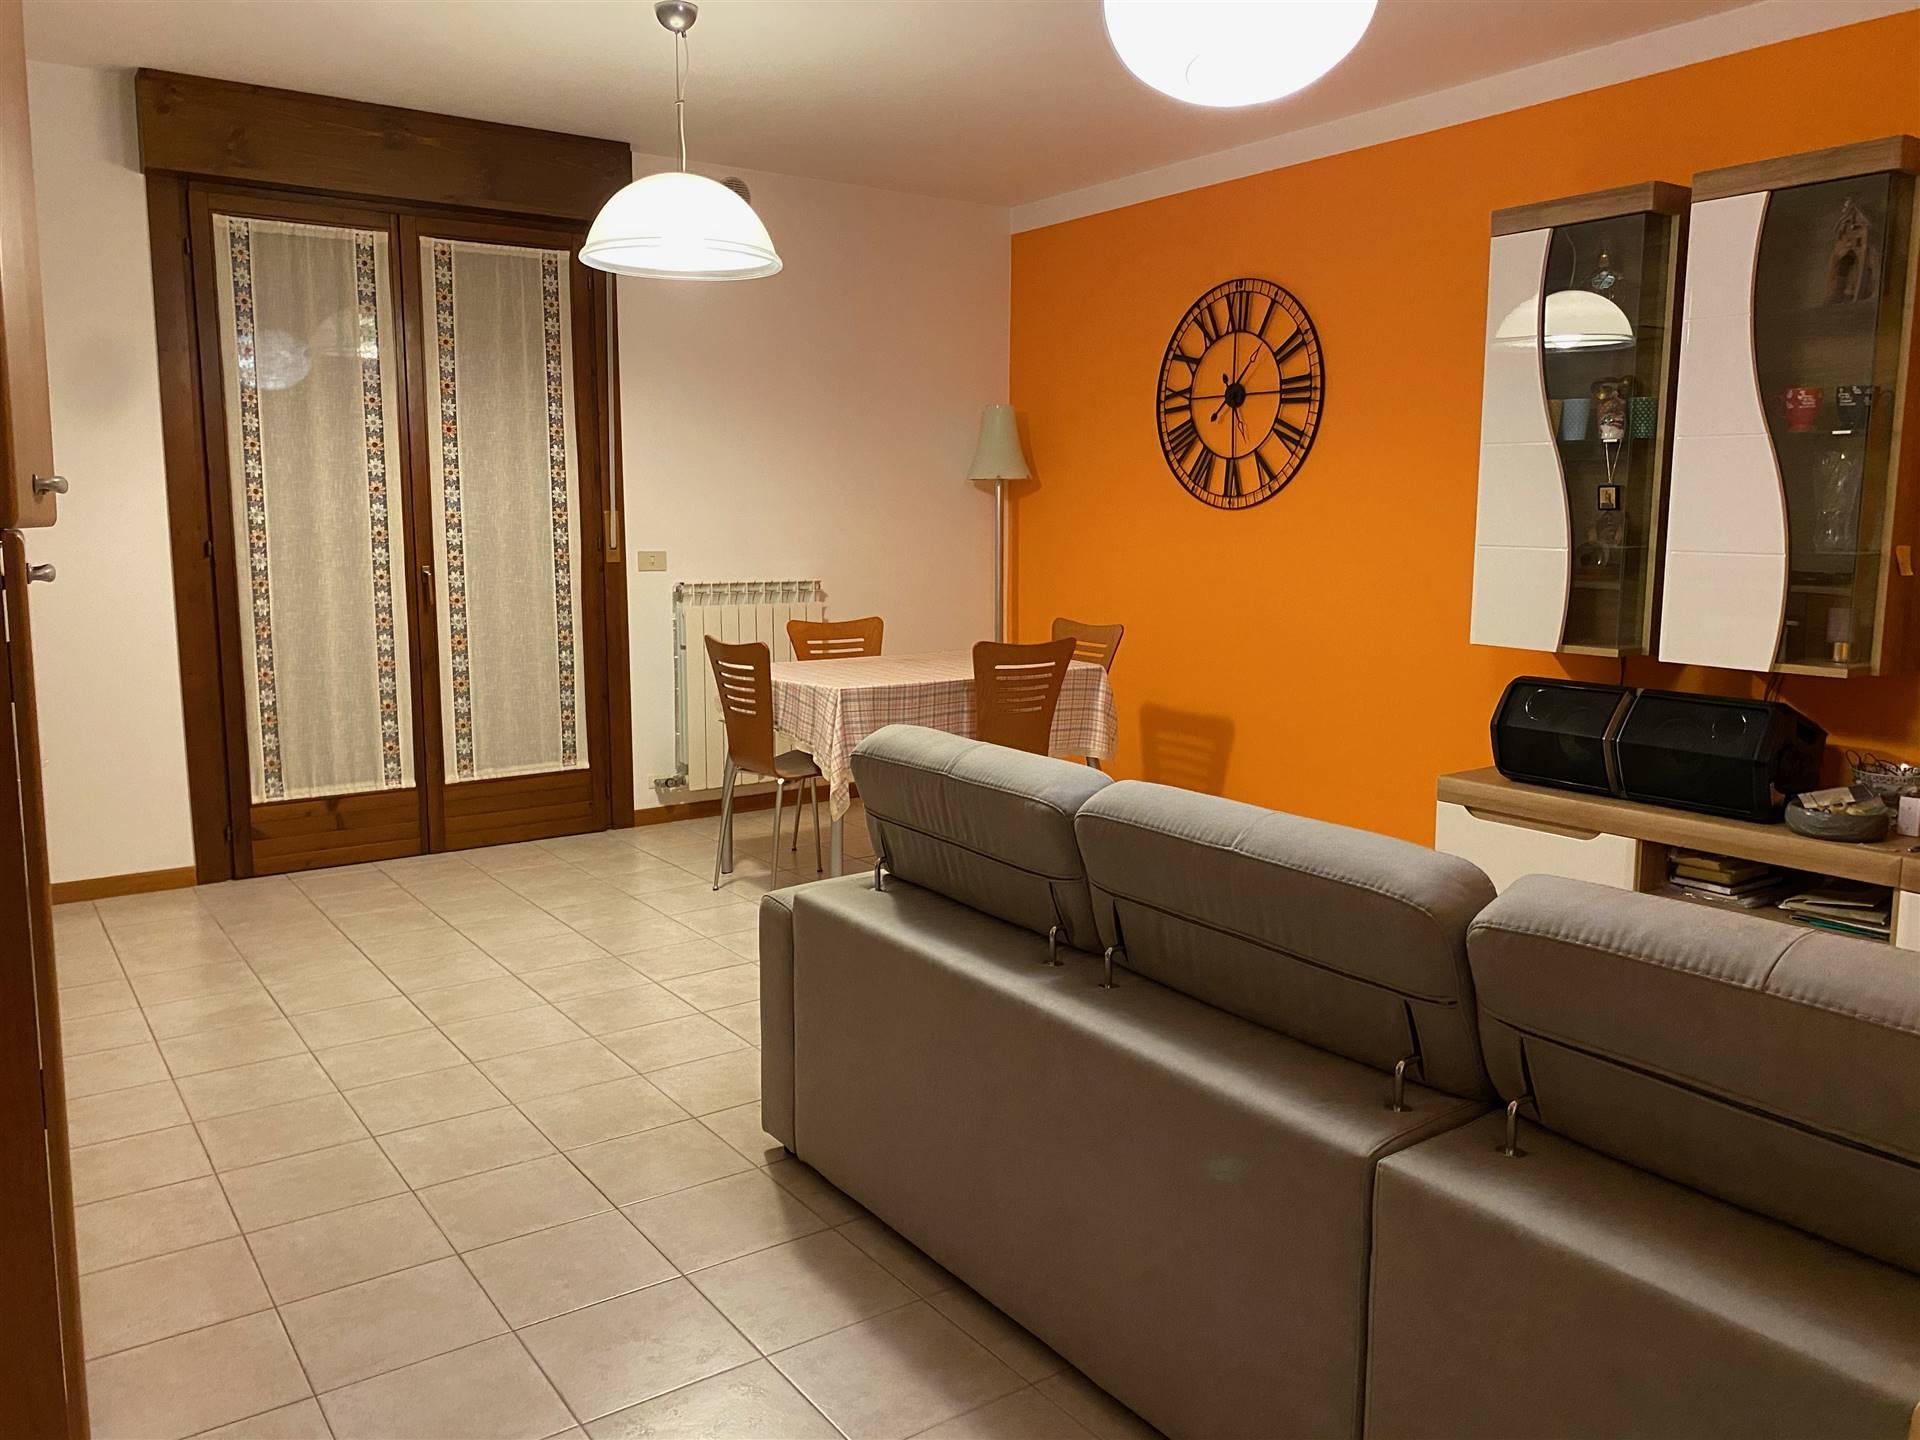 MAERNE: proponiamo in vendita ottimo mini appartamento con ingresso su ampio soggiorno con angolo cottura e accesso al terrazzo esposto ad ovest,